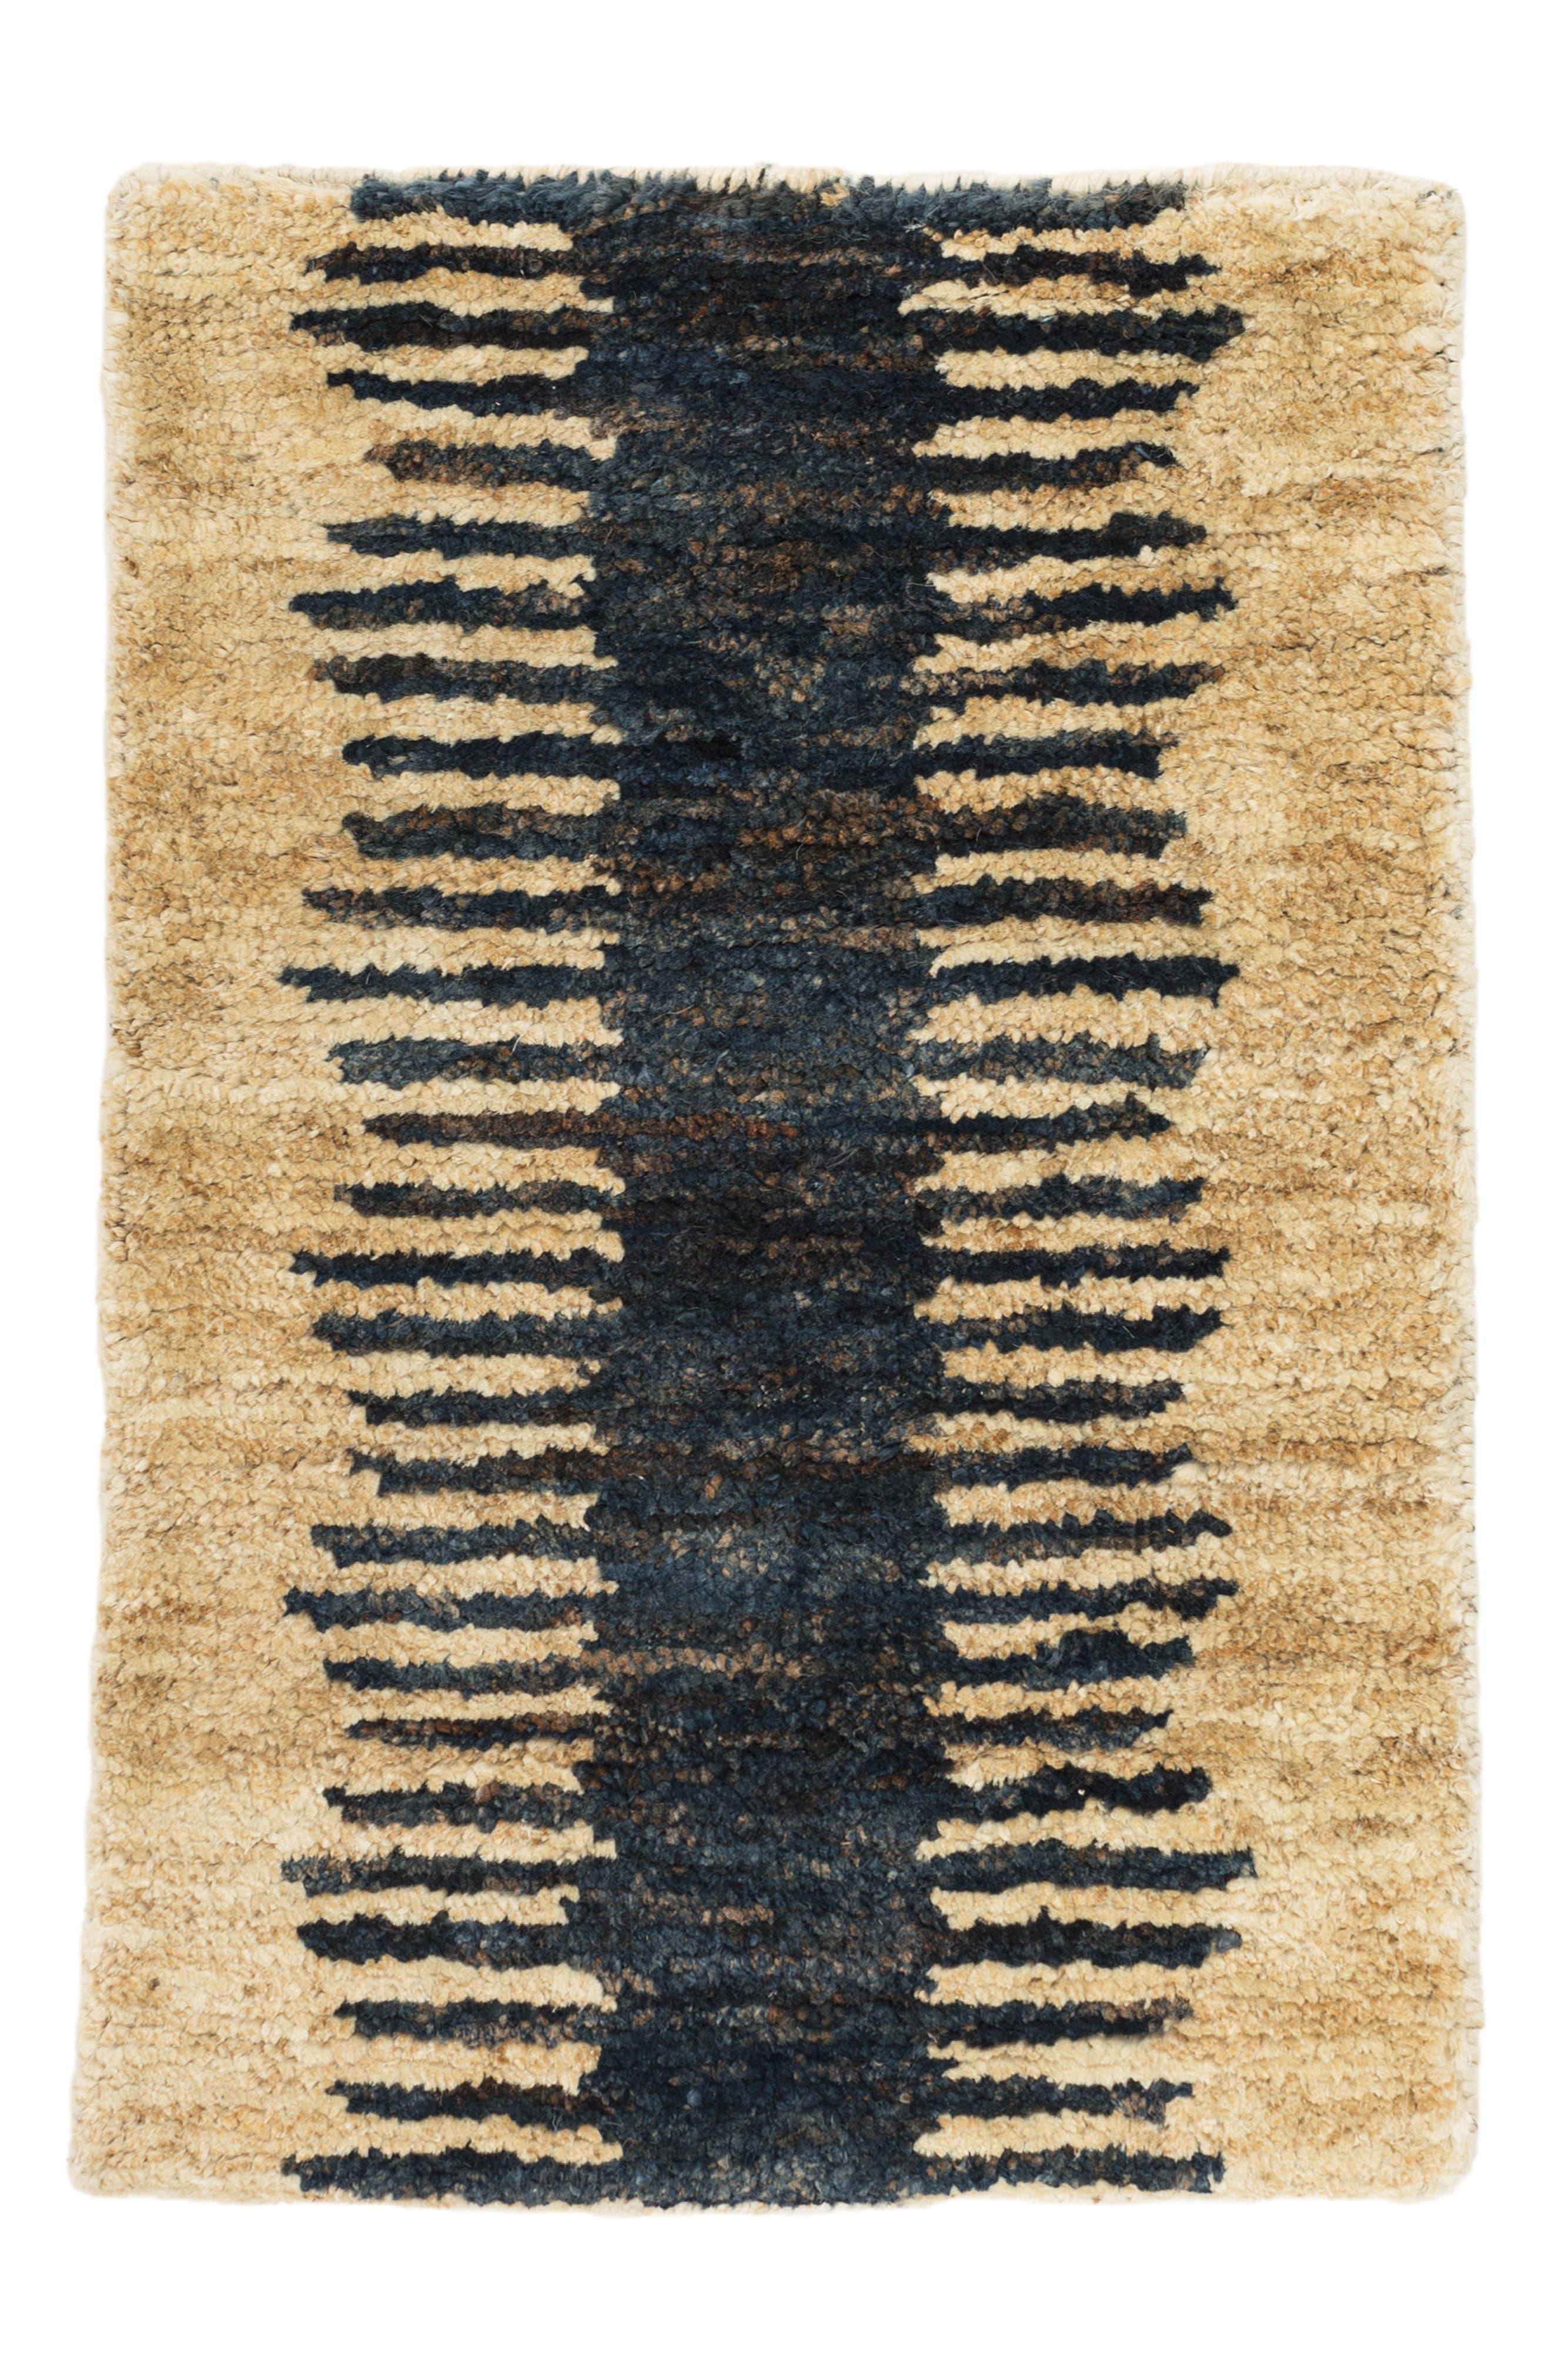 Fez Woven Jute & Cotton Rug,                             Main thumbnail 1, color,                             BLUE